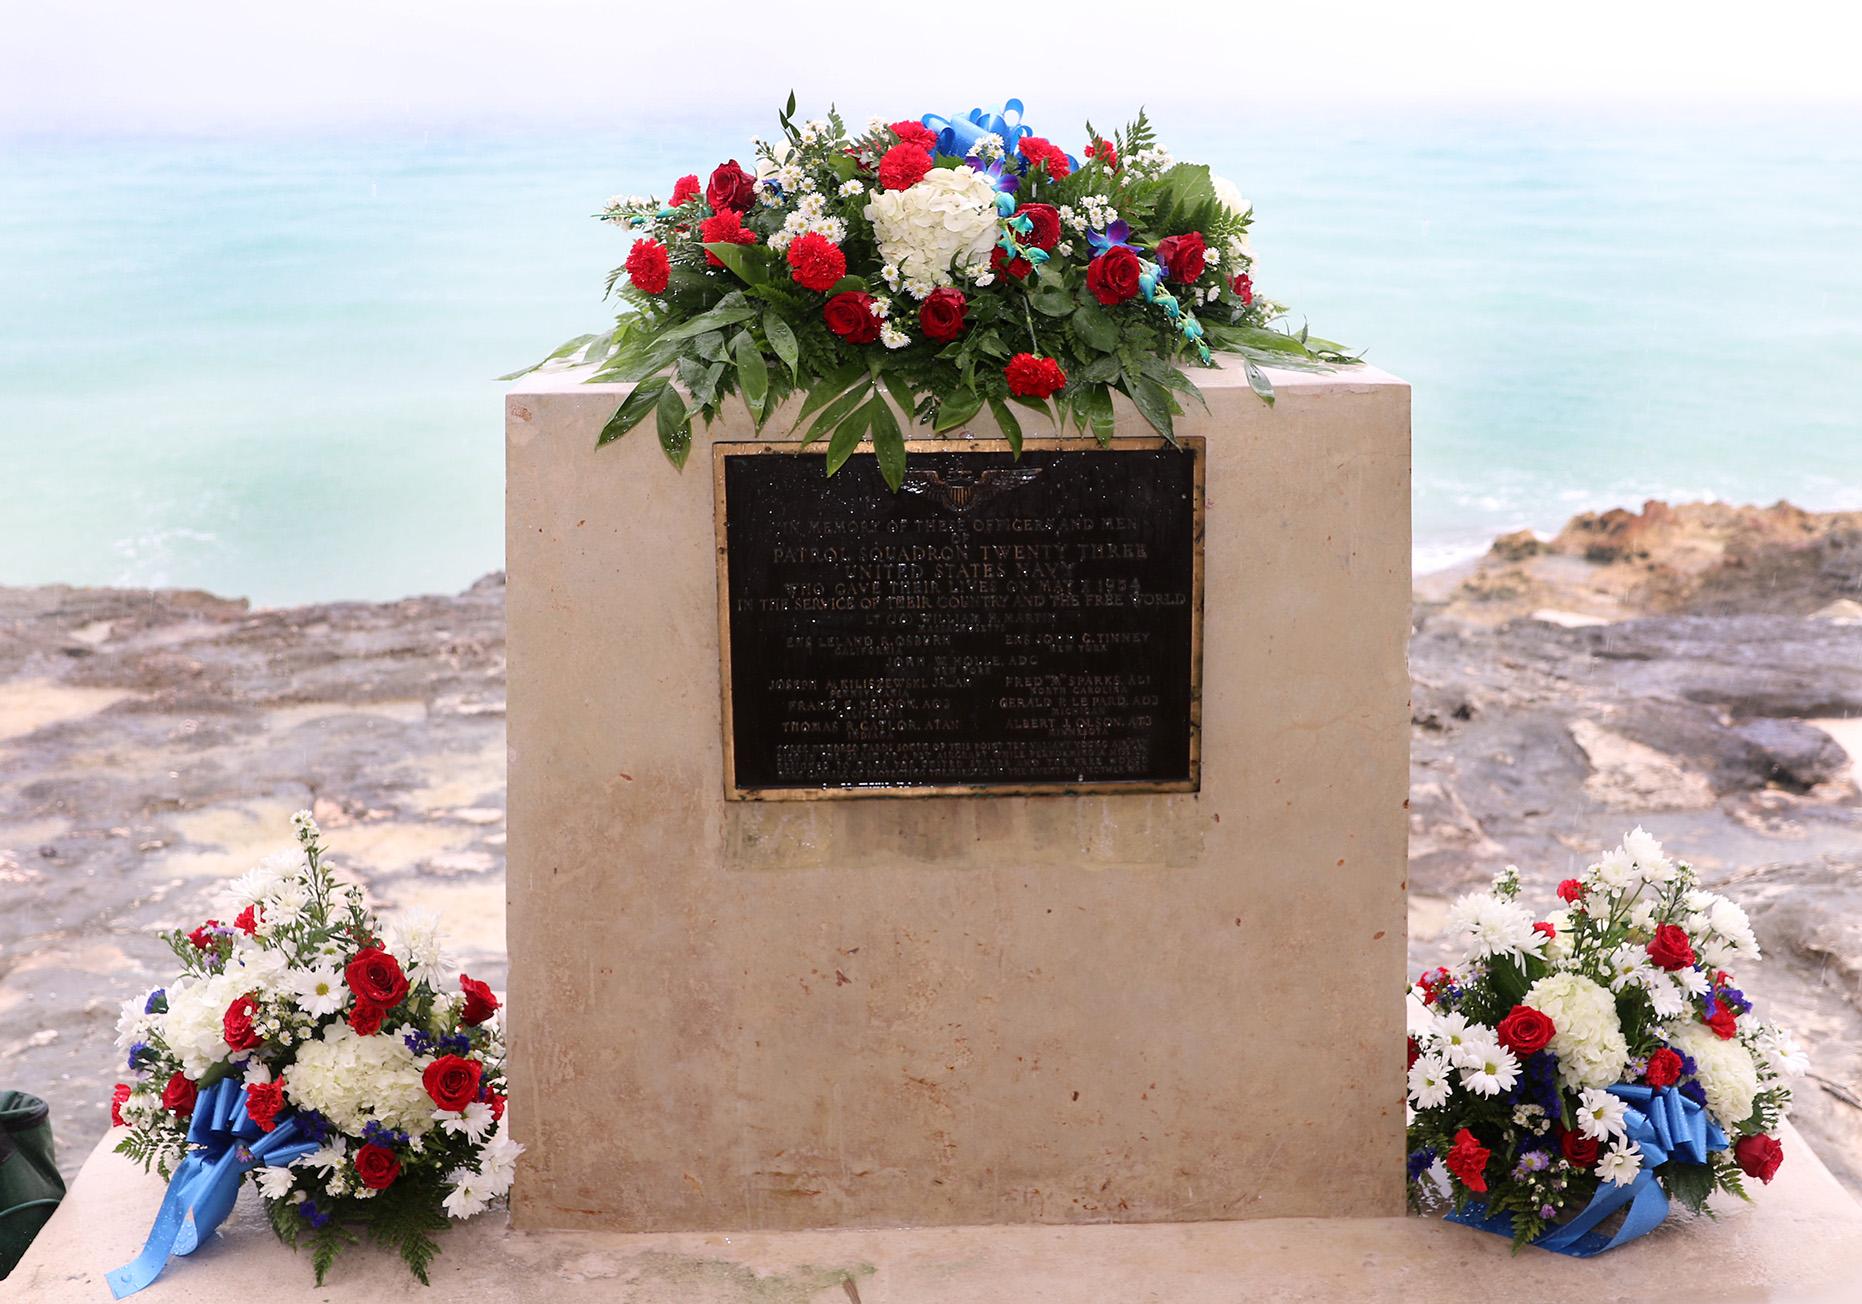 U.S. Embassy commemorates Memorial Day